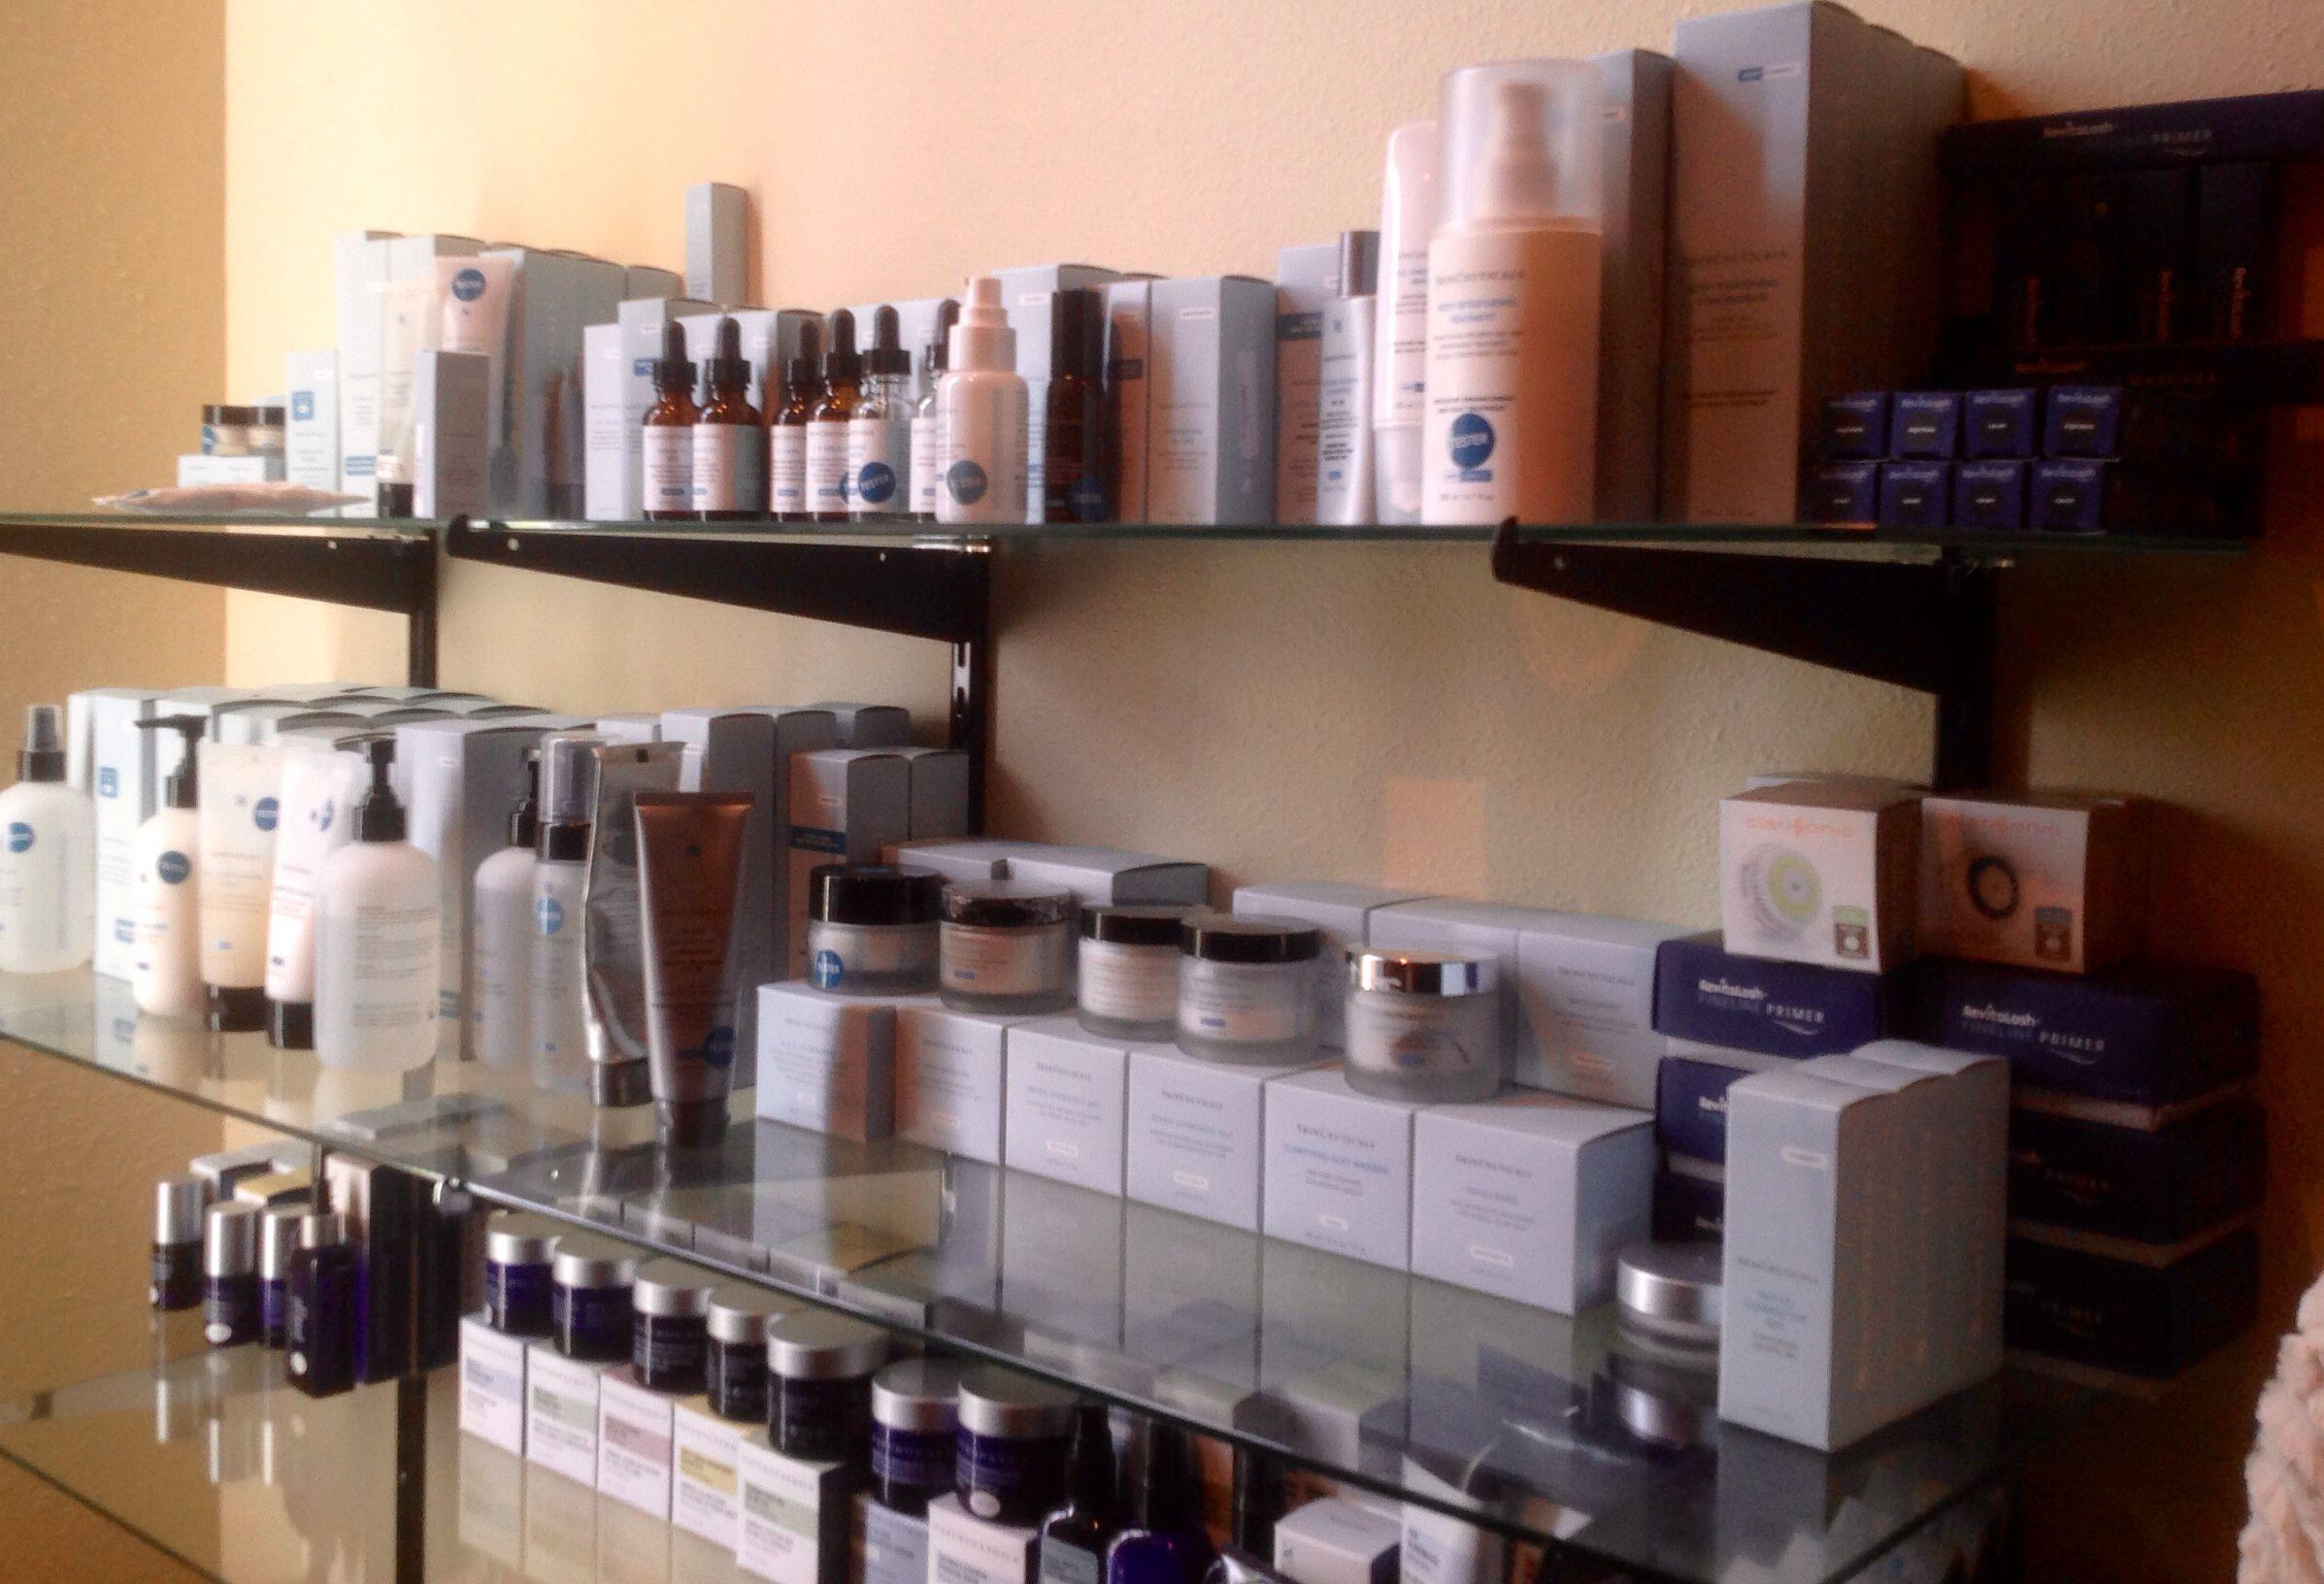 Skinceuticals Home Decor Liquor Cabinet Decor